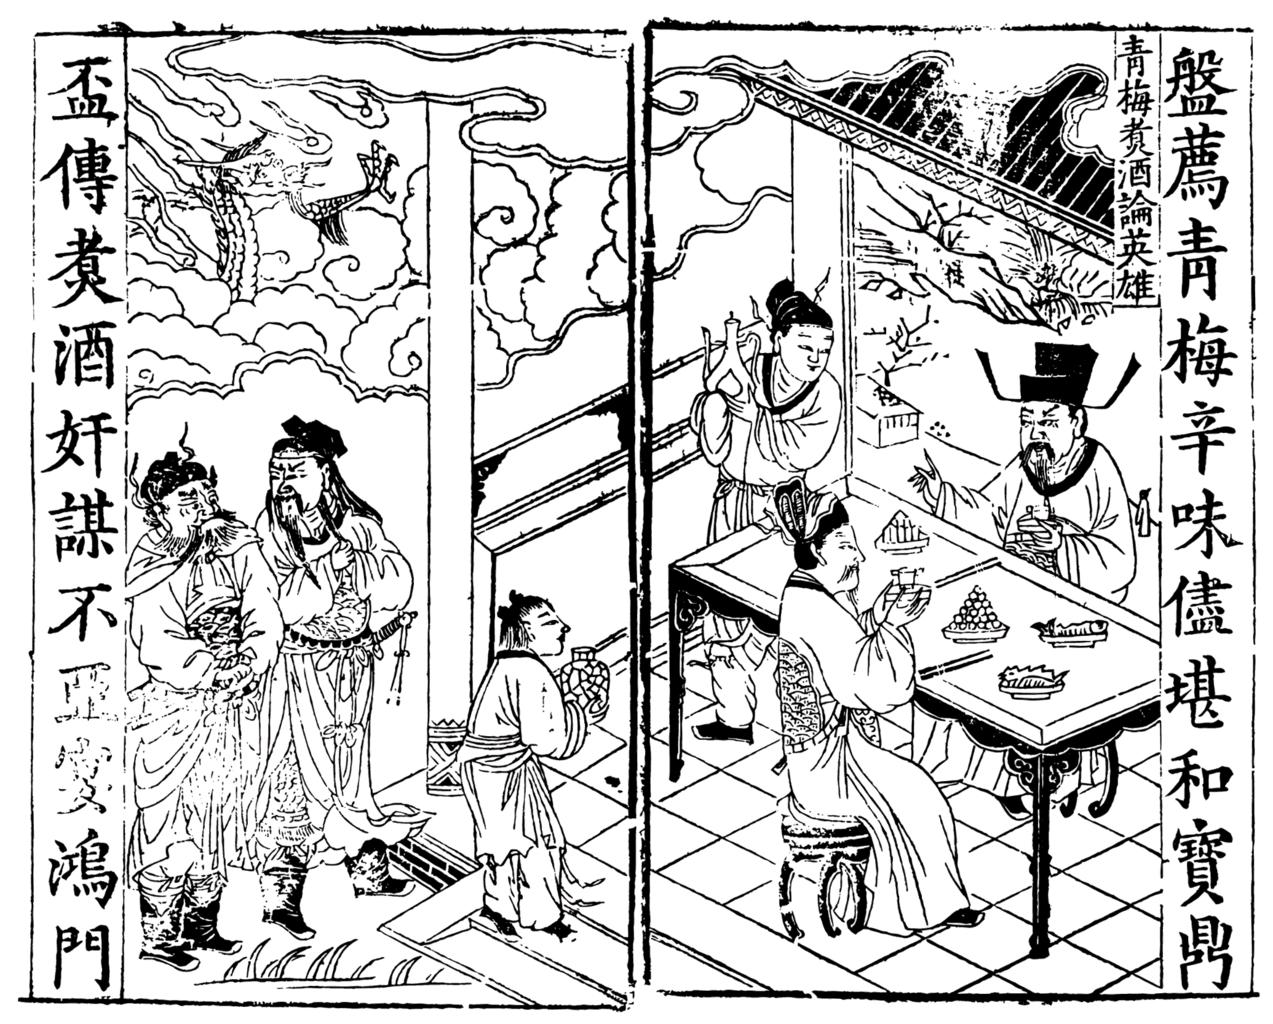 諸葛亮斬馬謖、張居正「一條鞭法」帶給我的 2 個管理體悟 - 華安 - ceo.lin的博客